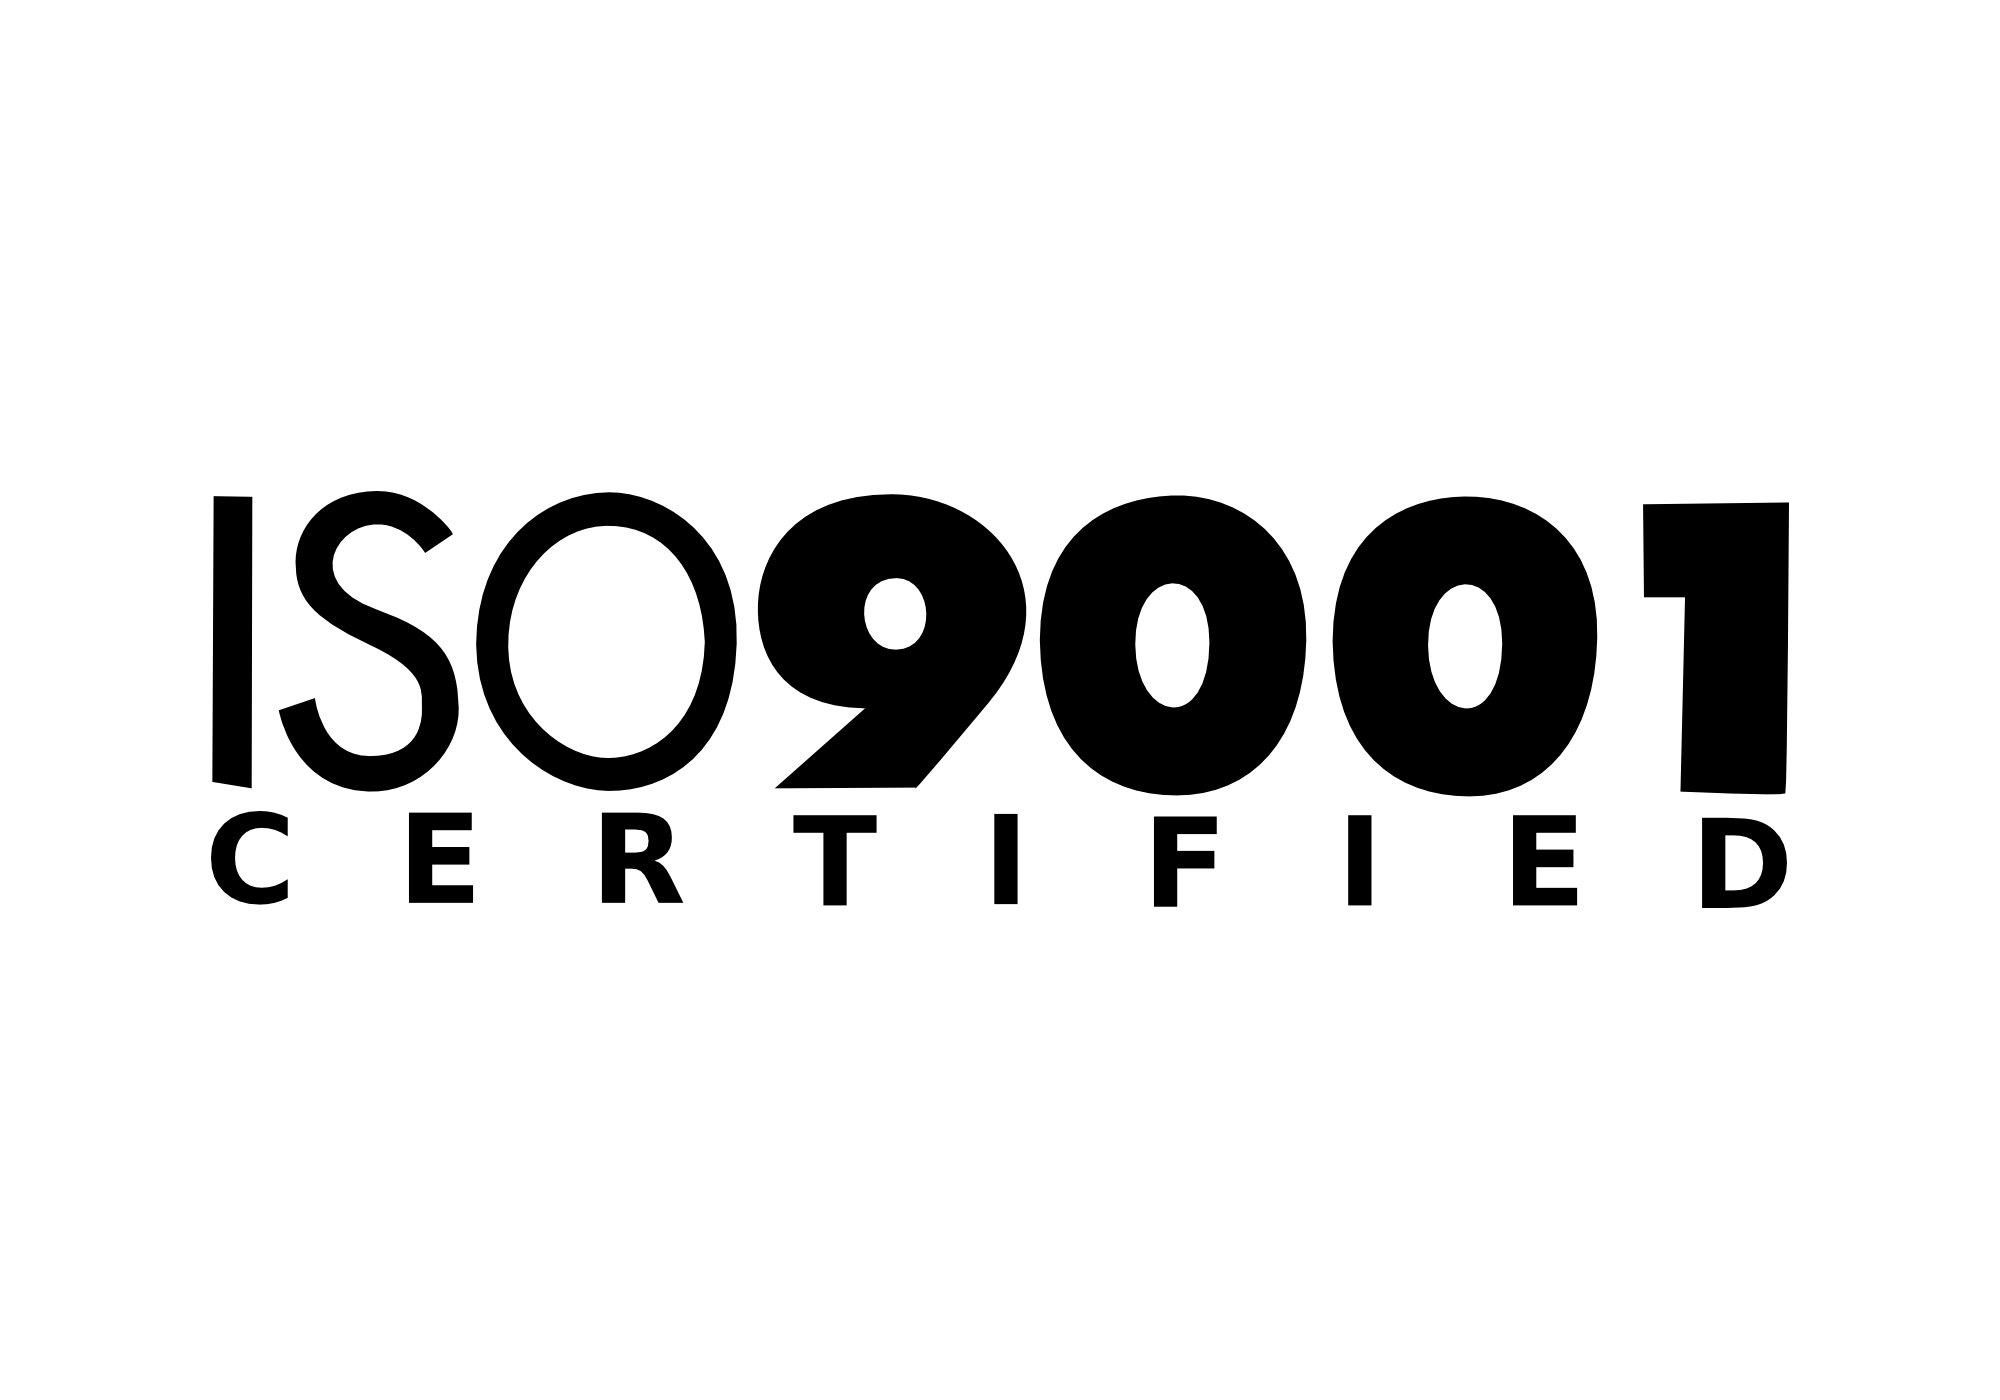 iso 9001 Iso 9001 y iso 14001 iso 9001 e iso 14001 son las normas iso más conocidas han sido adoptadas por más de un millón de organizaciones en 178 países.